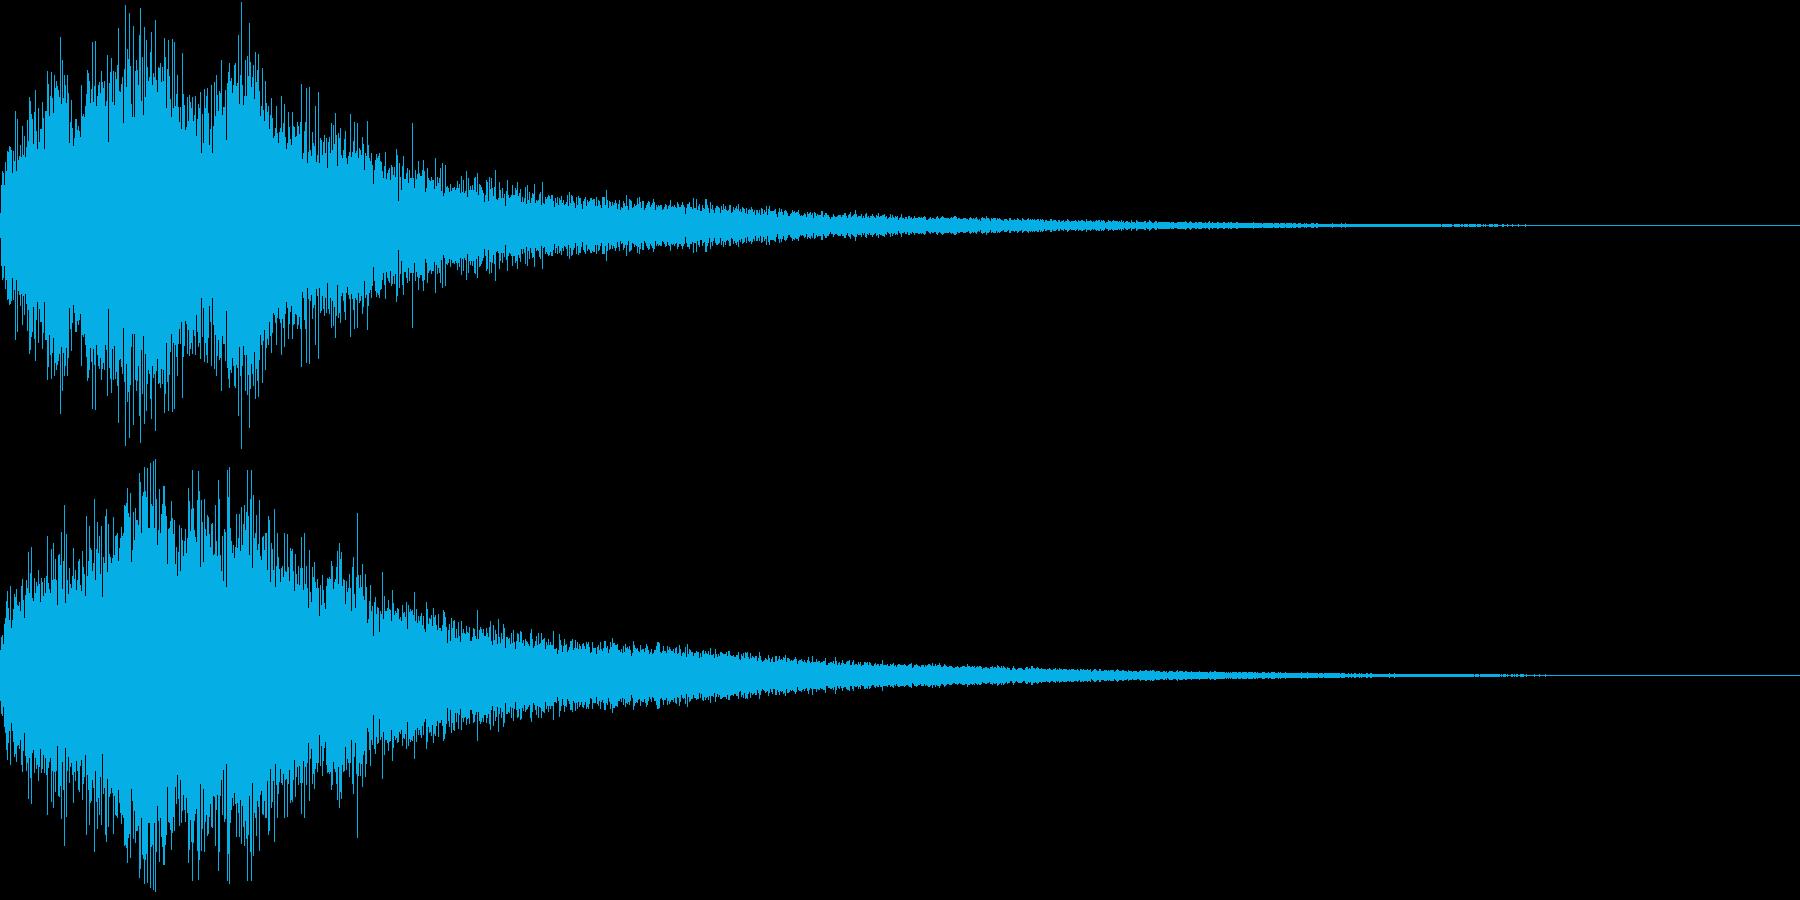 胡弓とチャイナシンバルの中国ジングル18の再生済みの波形